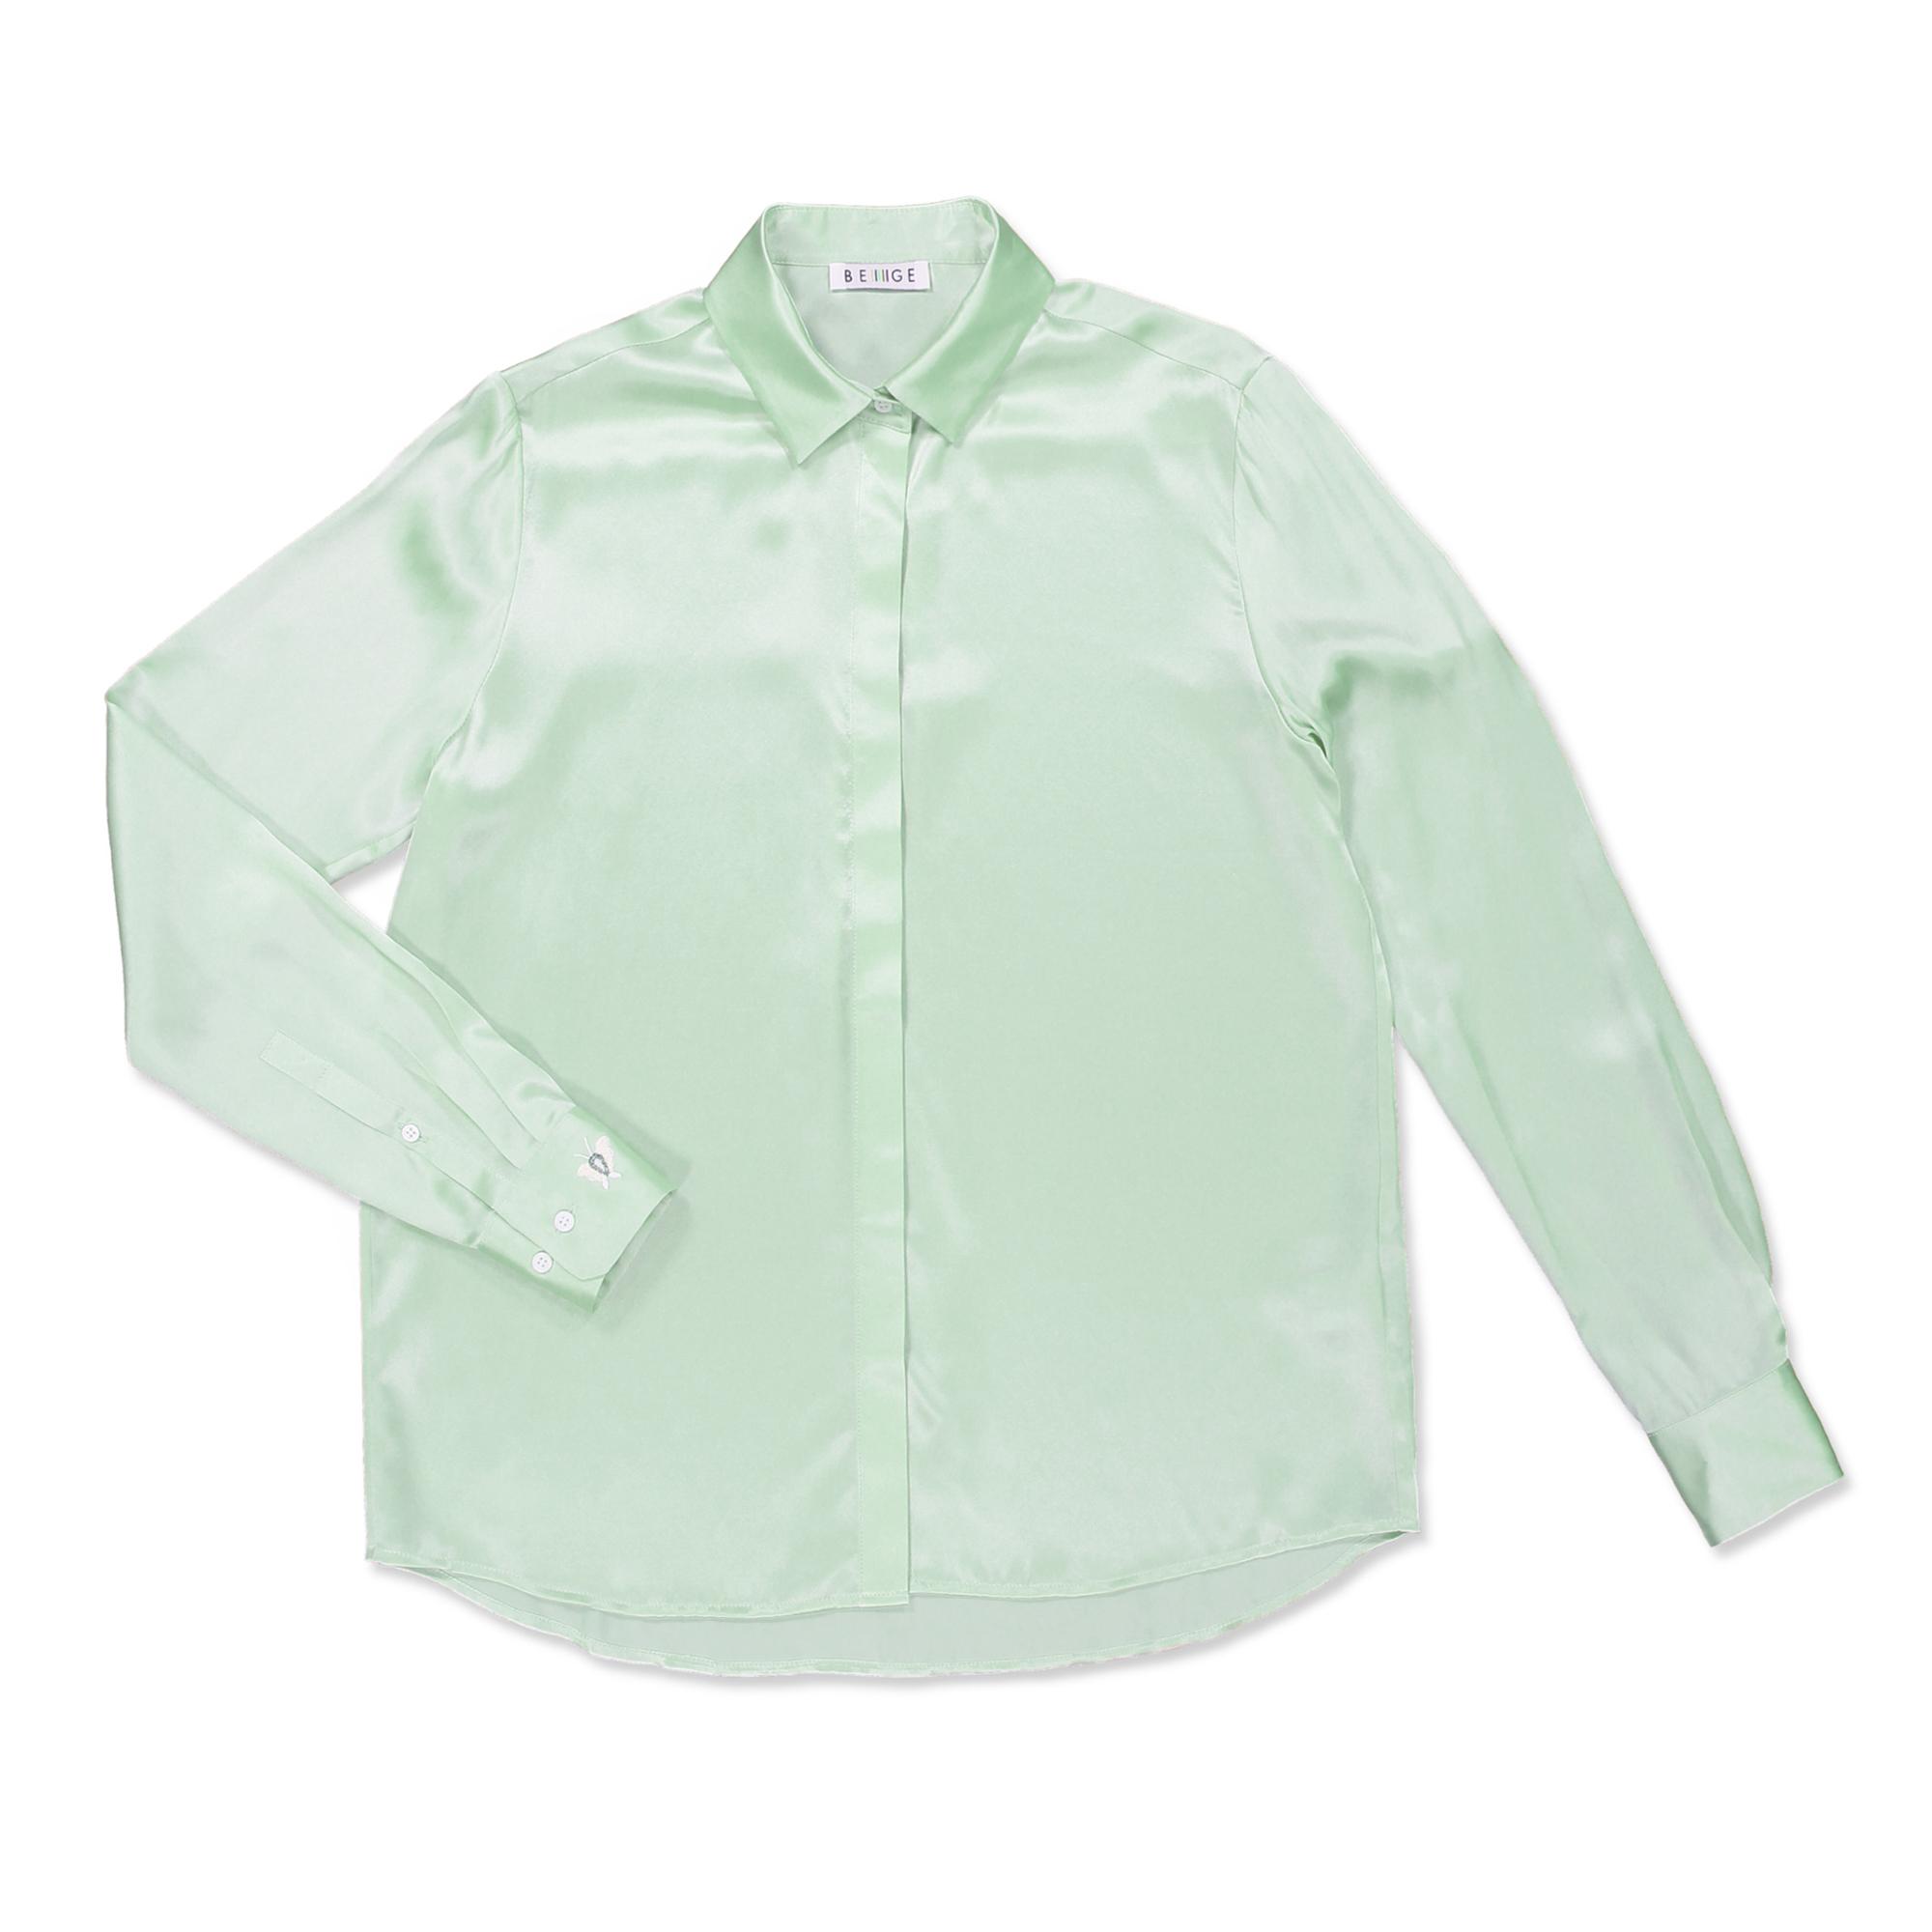 Silk+Shirt_Mint+3 (1).jpg